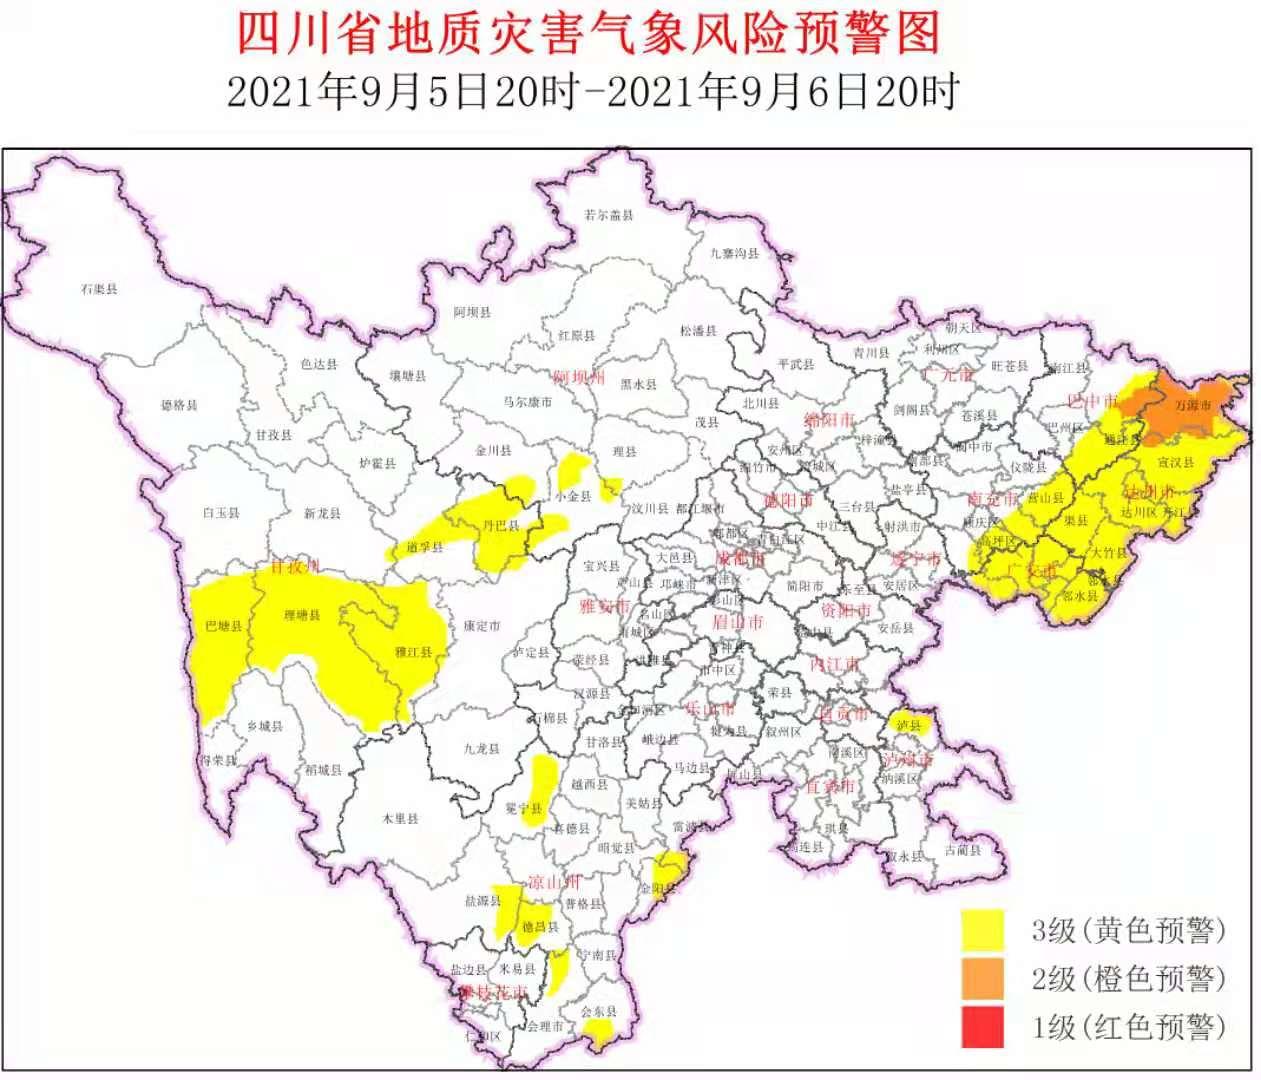 四川继续发布地质灾害气象风险预警 范围扩大至42个县市区